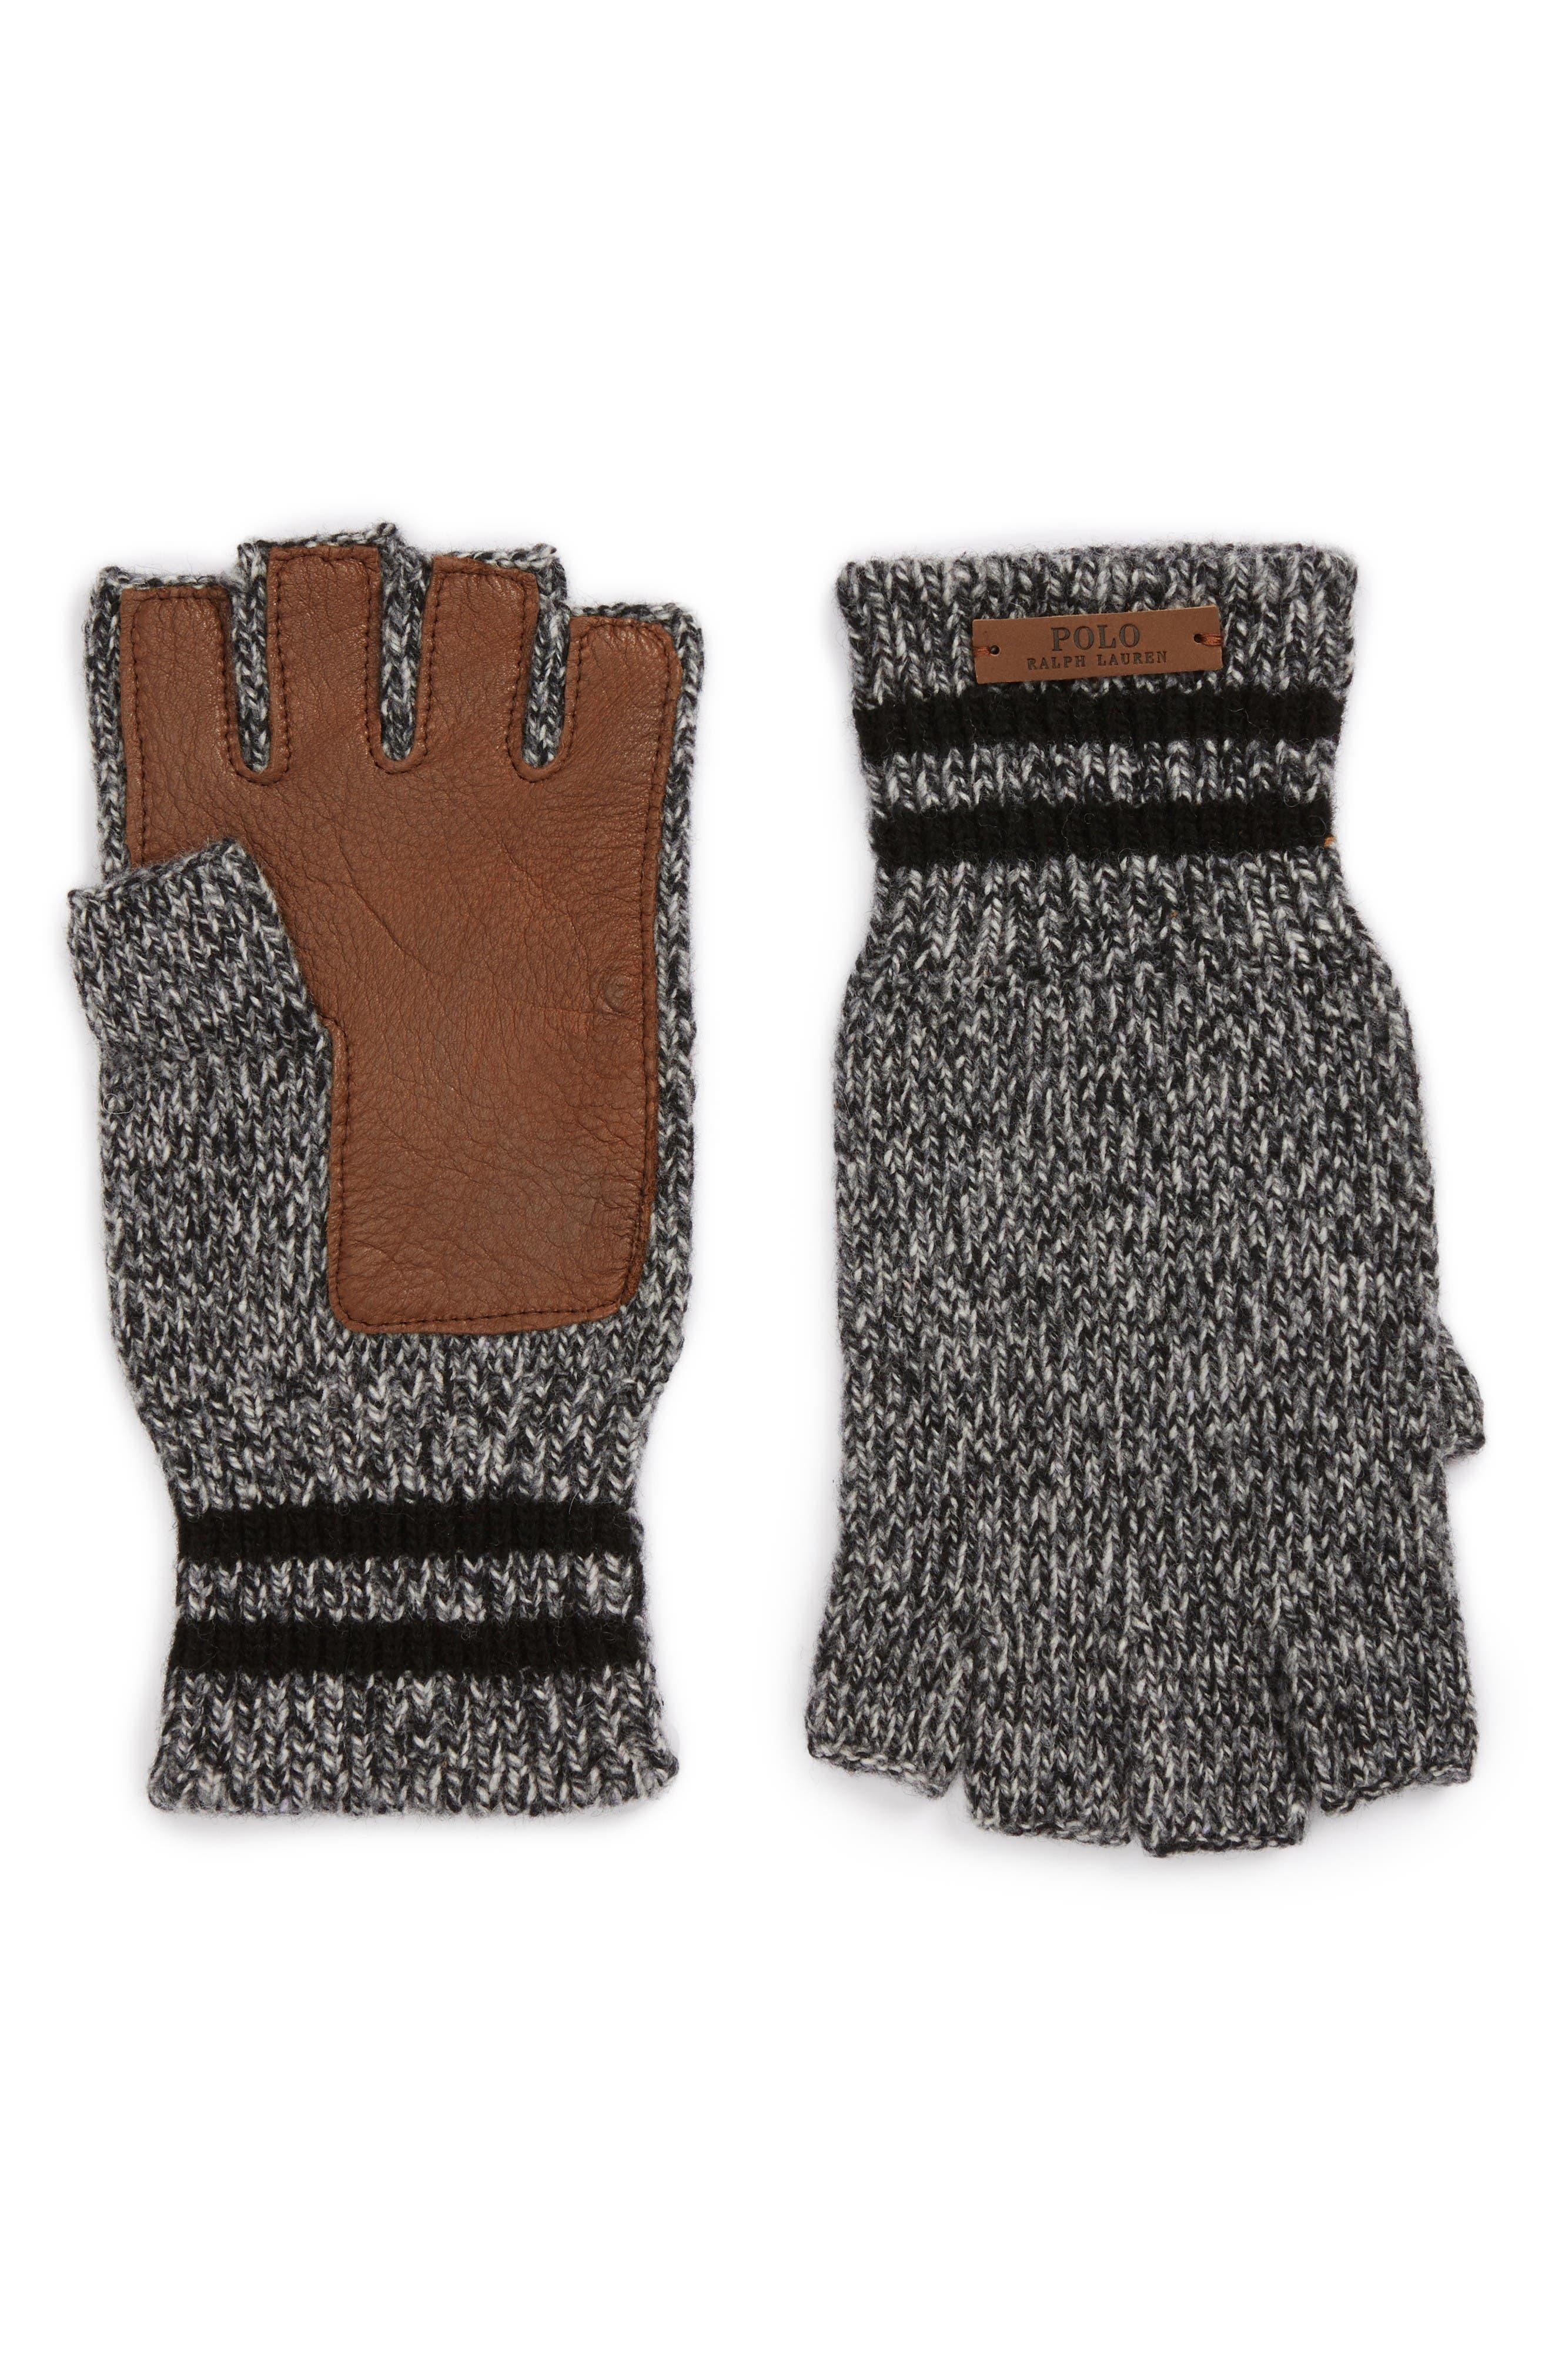 Main Image - Polo Ralph Lauren Ragg Merino Wool Blend Fingerless Gloves